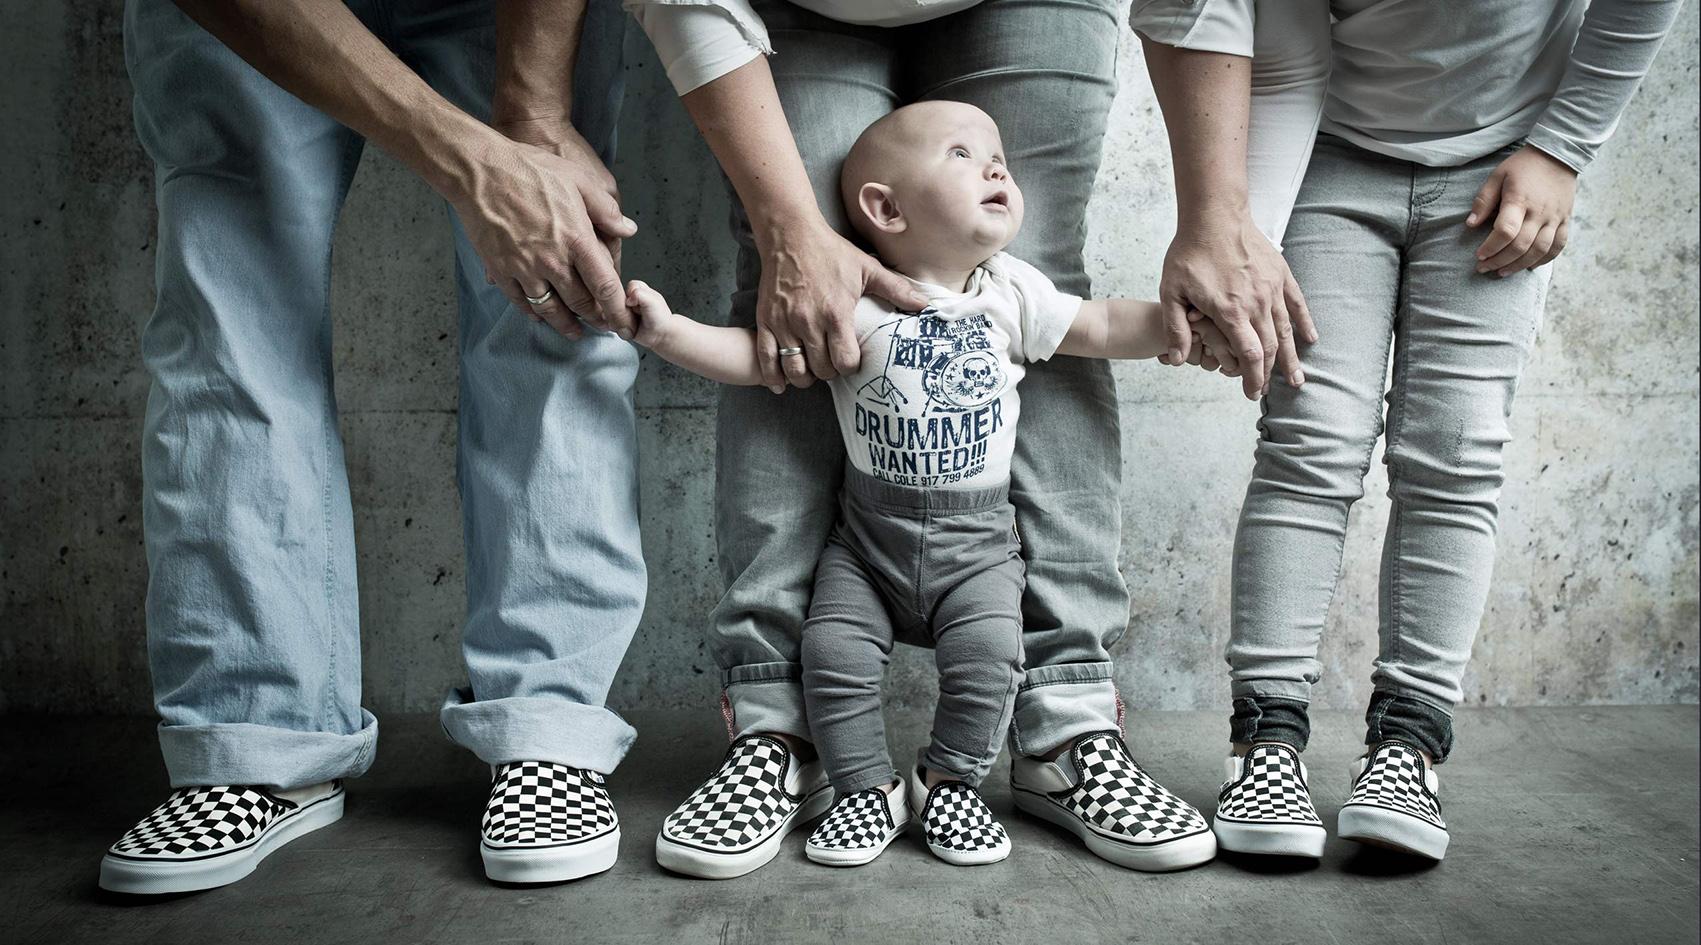 061-FAMILIE-Familienfotos-Eschweiler-Familienshooting-Aachen-Fotograf-Dueren- Fotos-by-Domi20711236